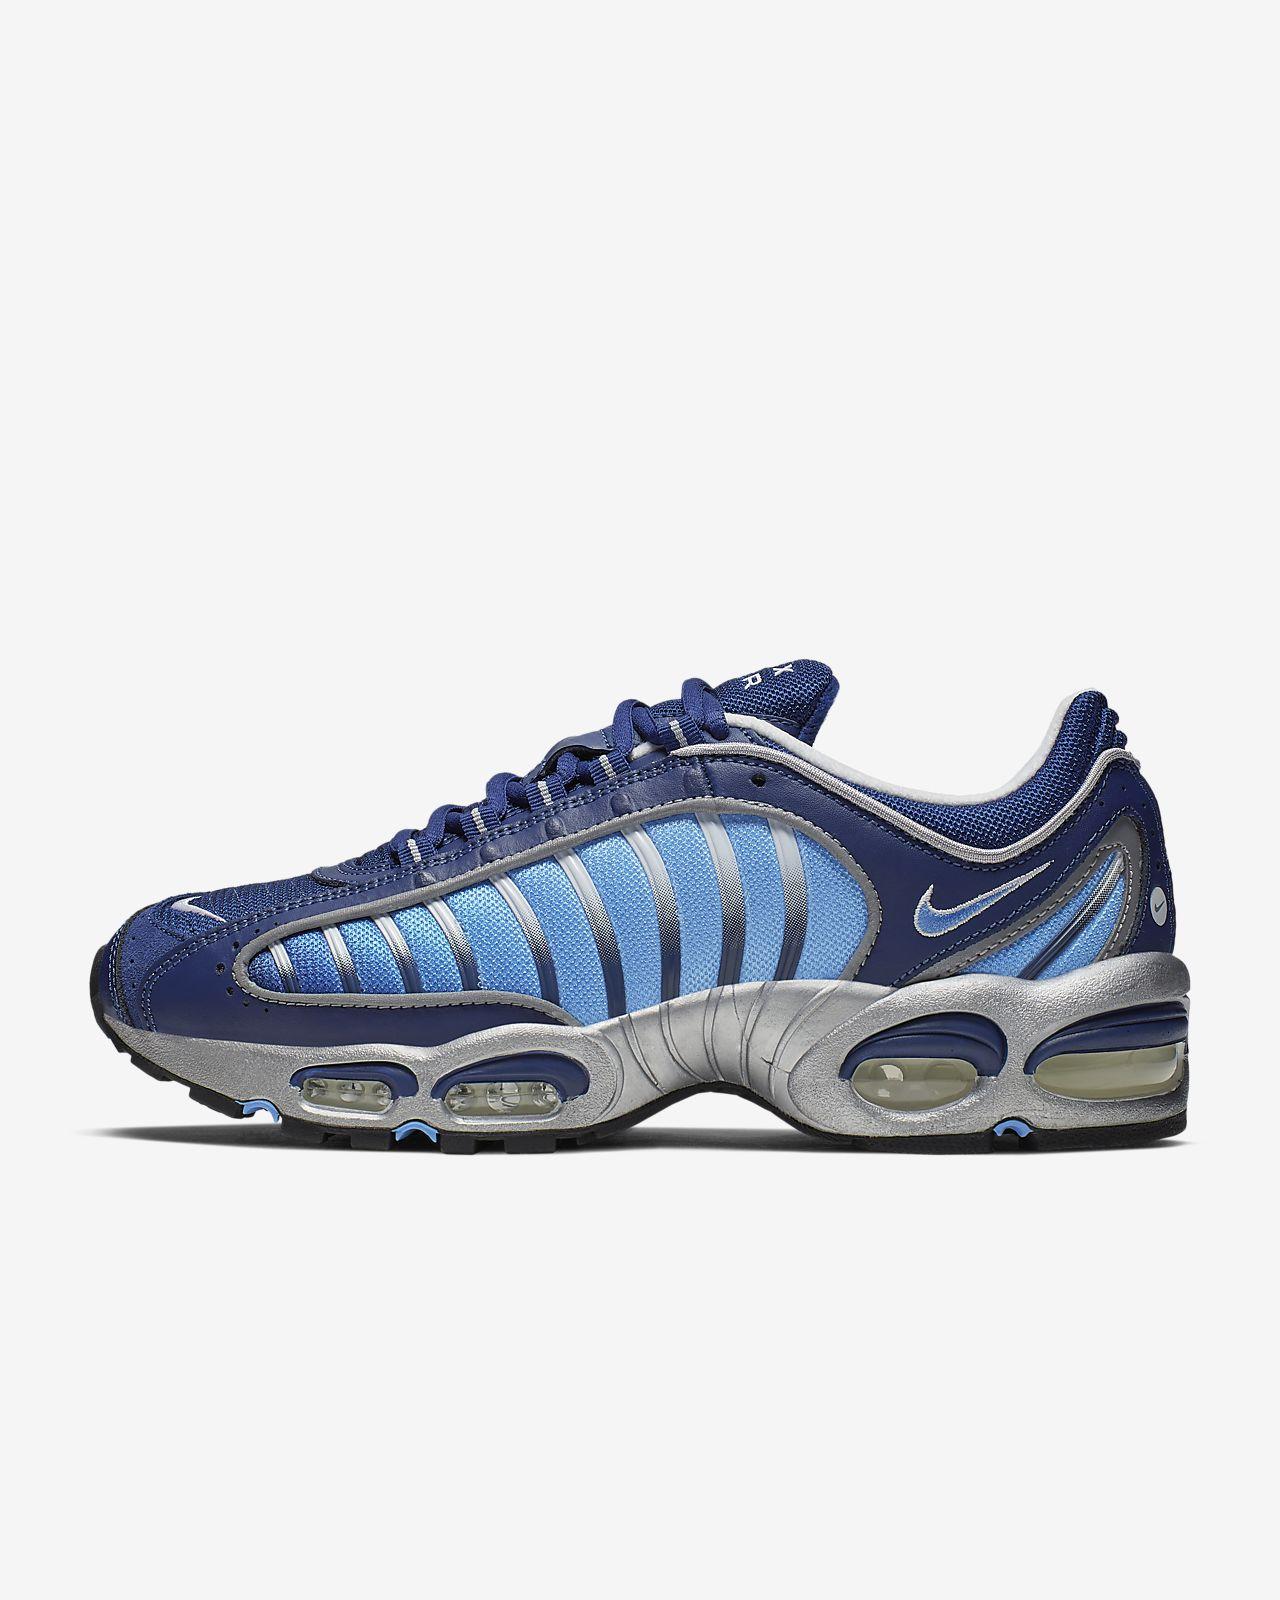 Nike Air Max Tailwind IV-sko til mænd